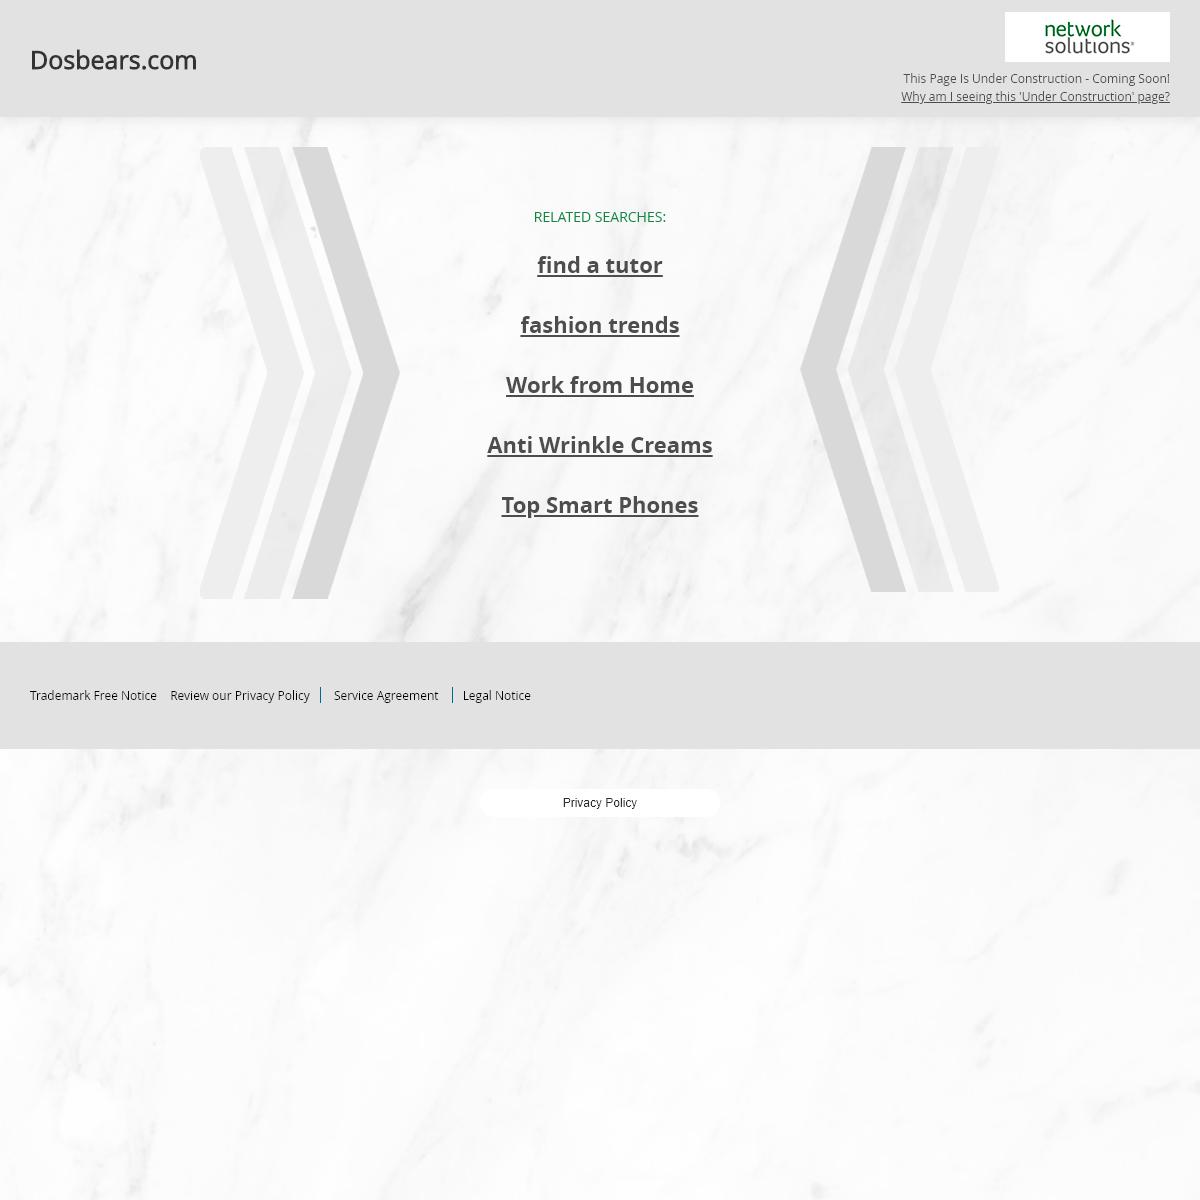 Dosbears.com